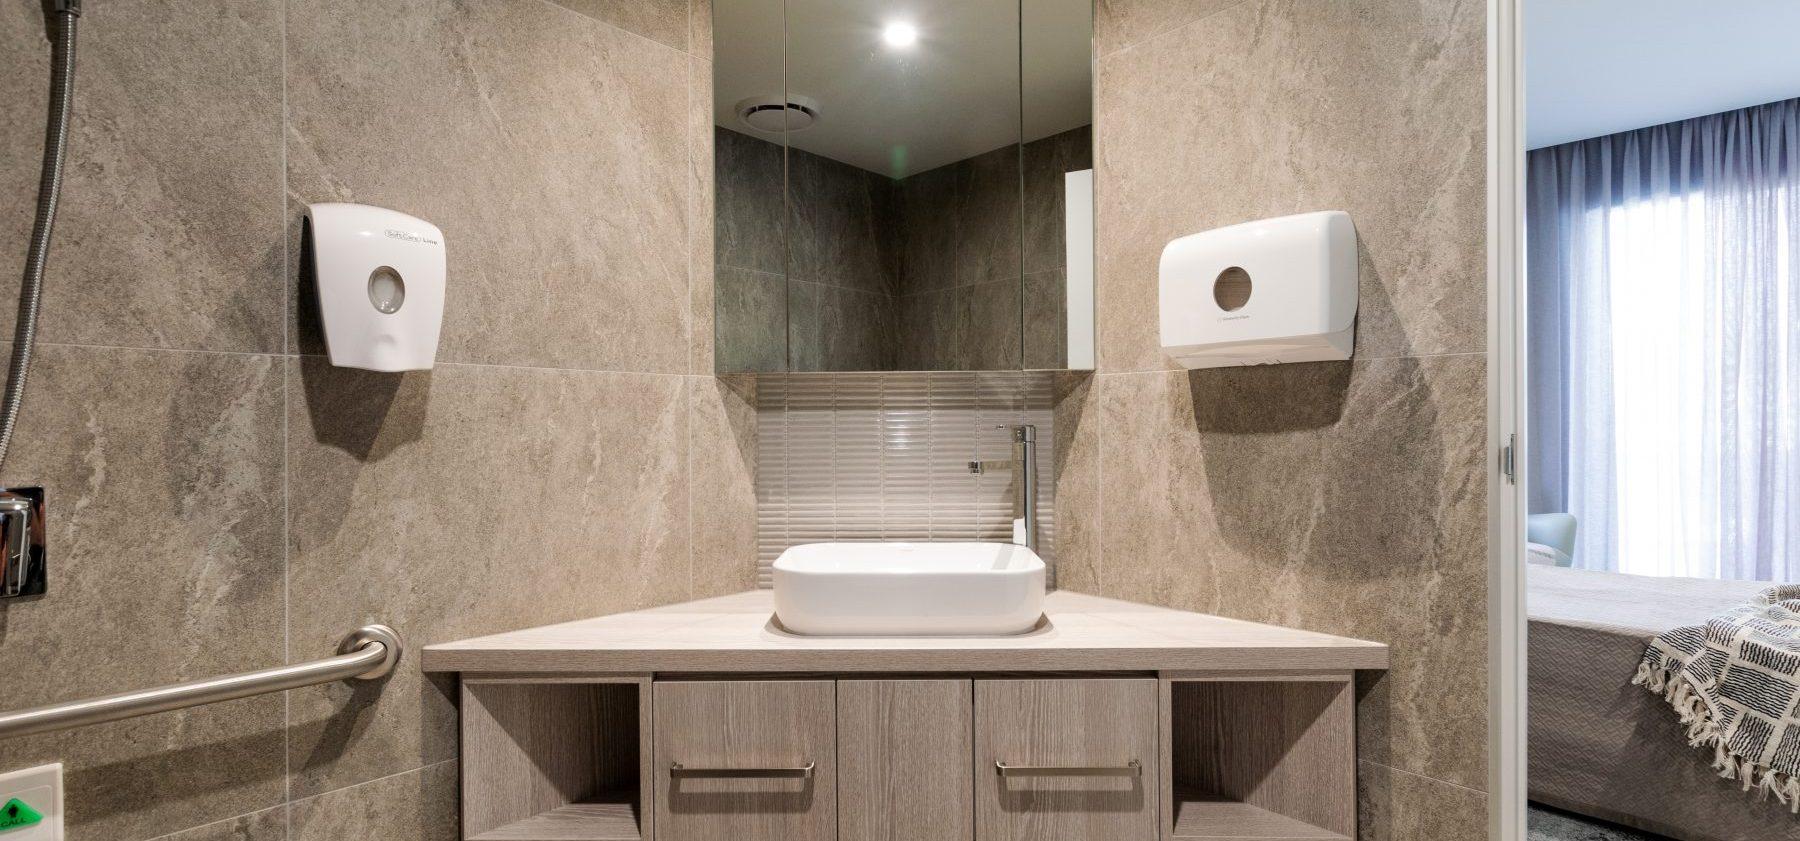 Arcare Noosa Interior Bathroom